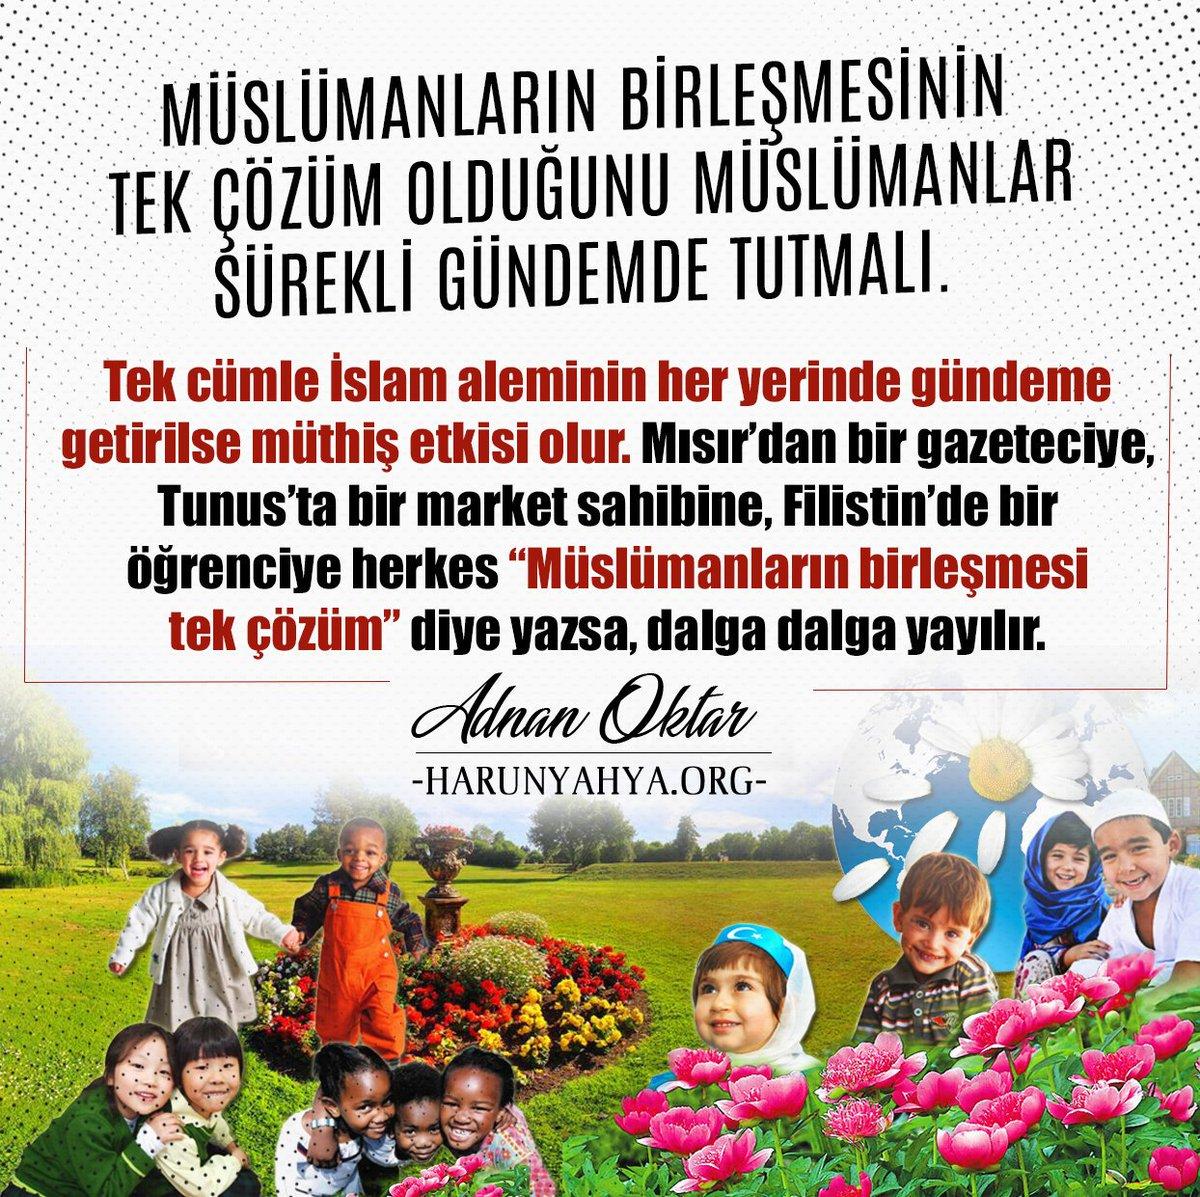 Hamide Kaya's photo on TekÇözüm İslamBirliği